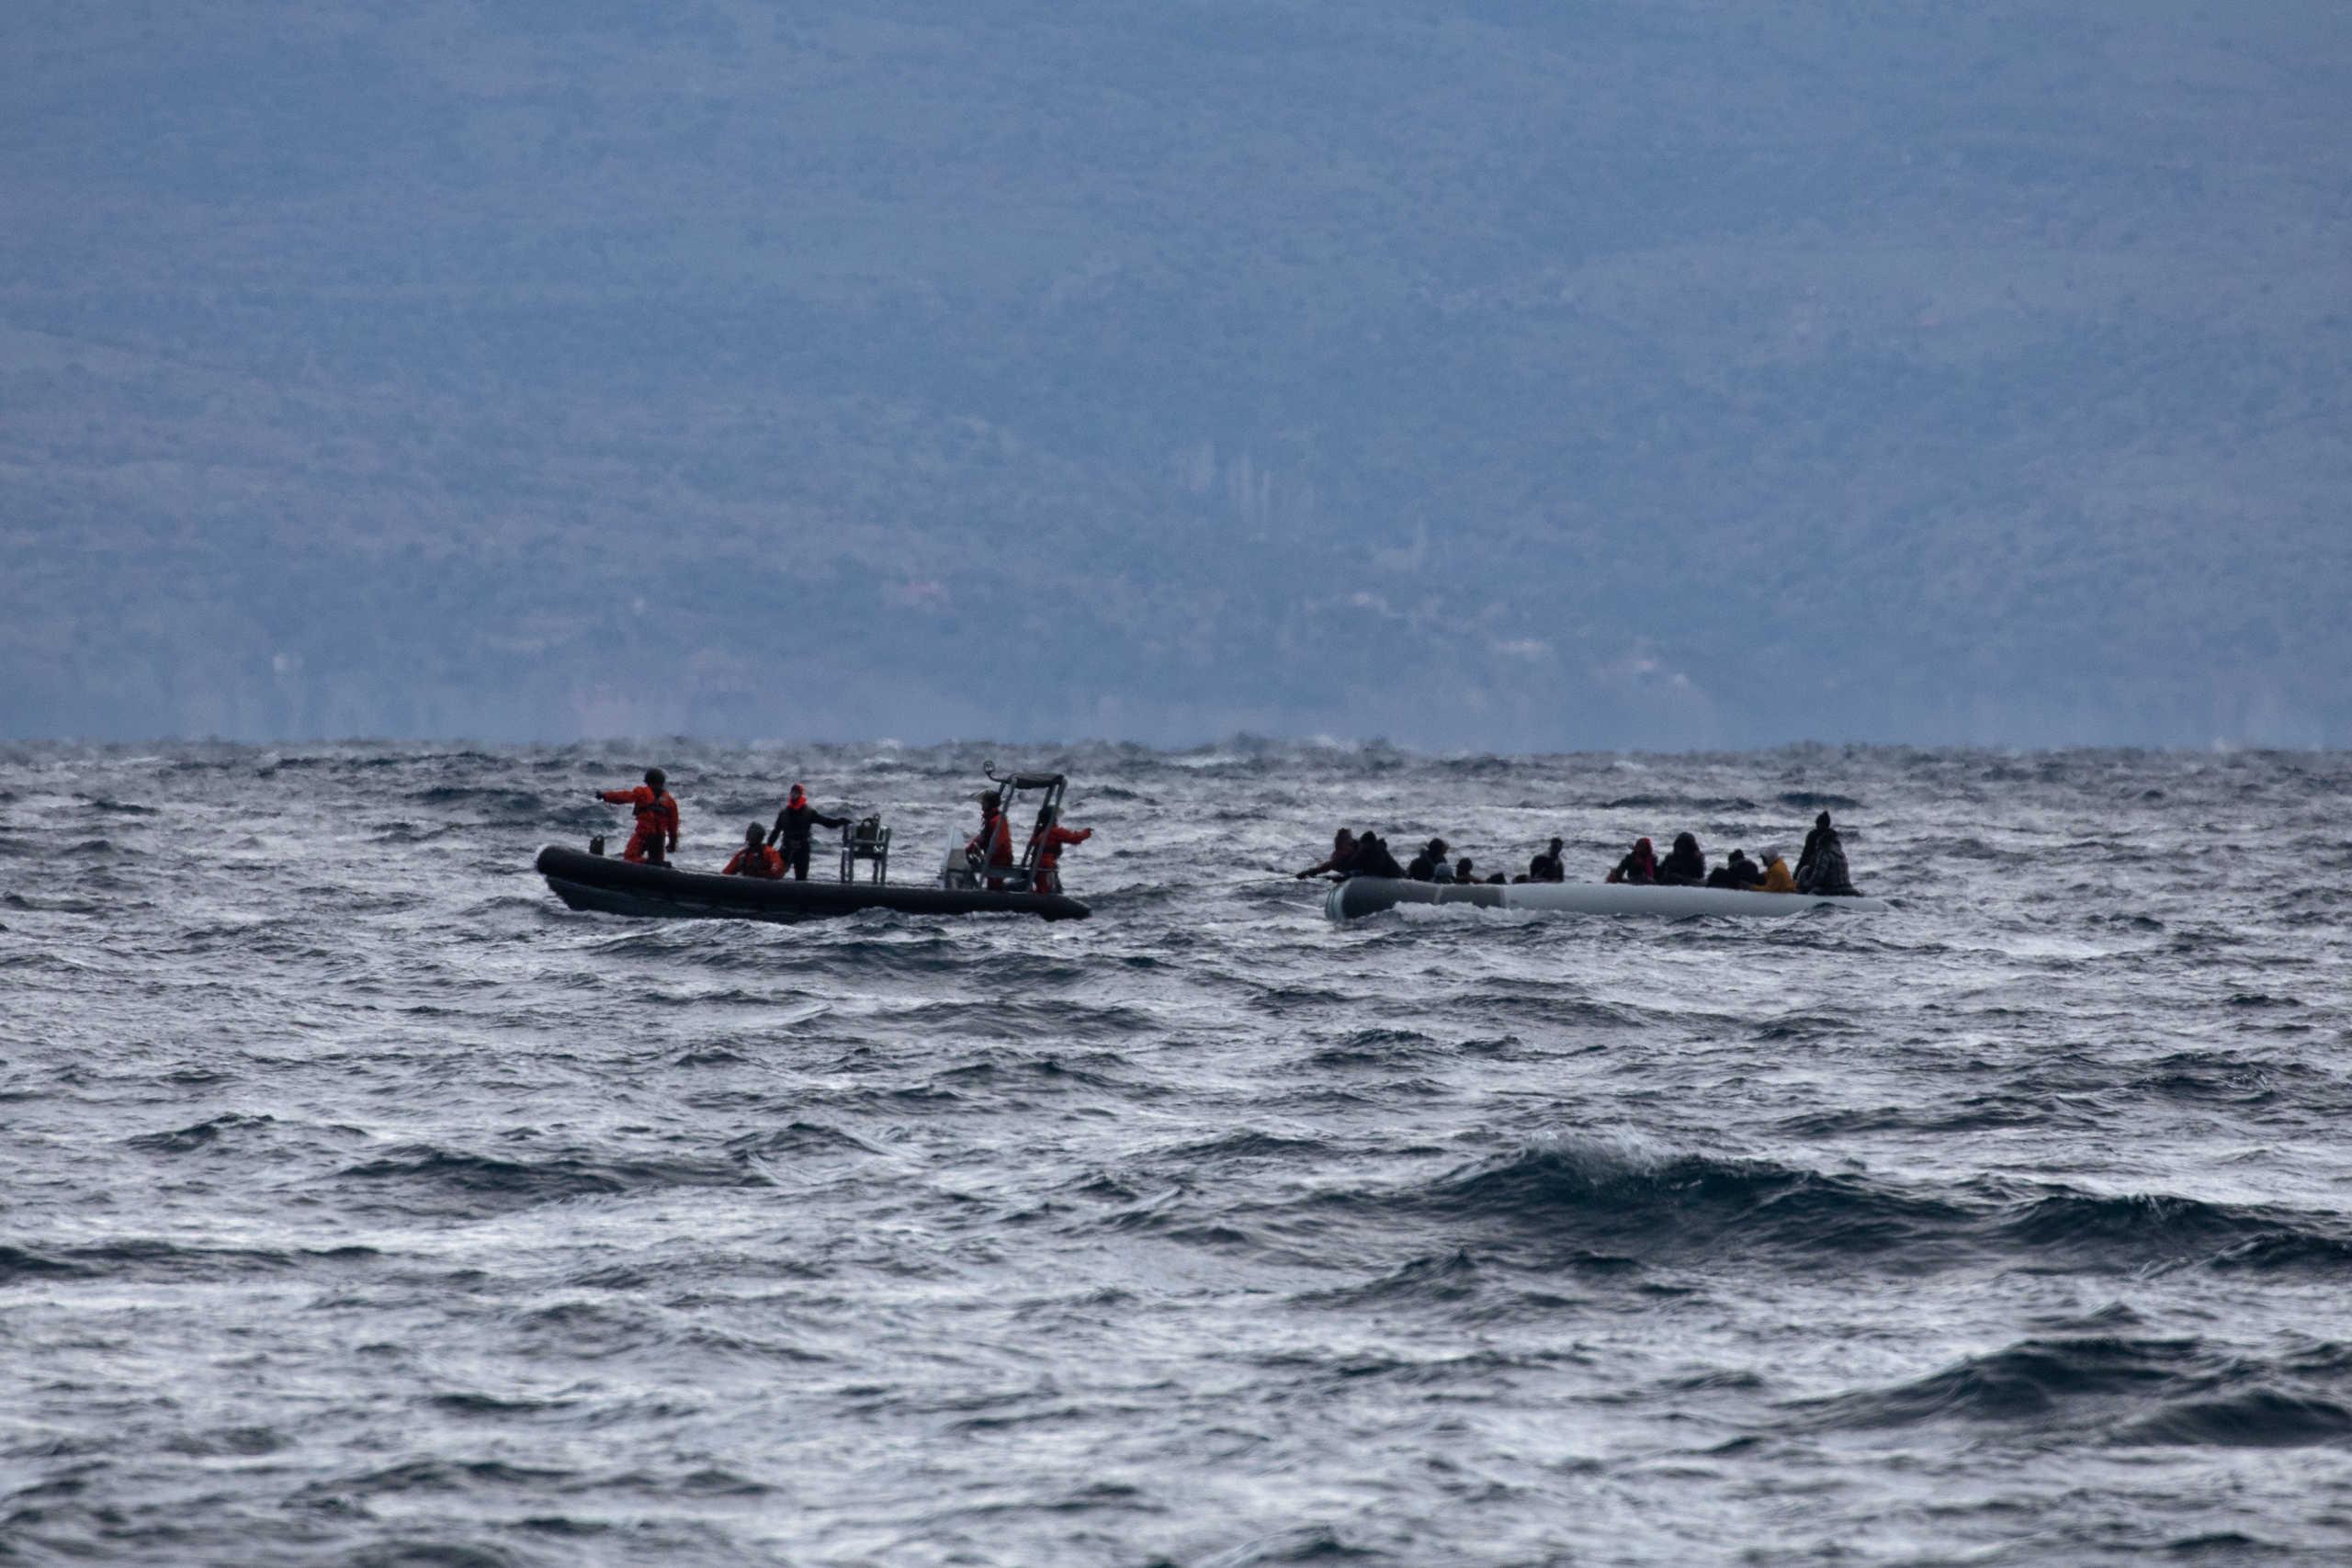 """Απόρρητα έγγραφα αποκαλύπτουν παιχνίδια """"κατασκόπων"""" στη Λέσβο: Οι δυο γυναίκες και οι πληροφορίες στην Τουρκία"""